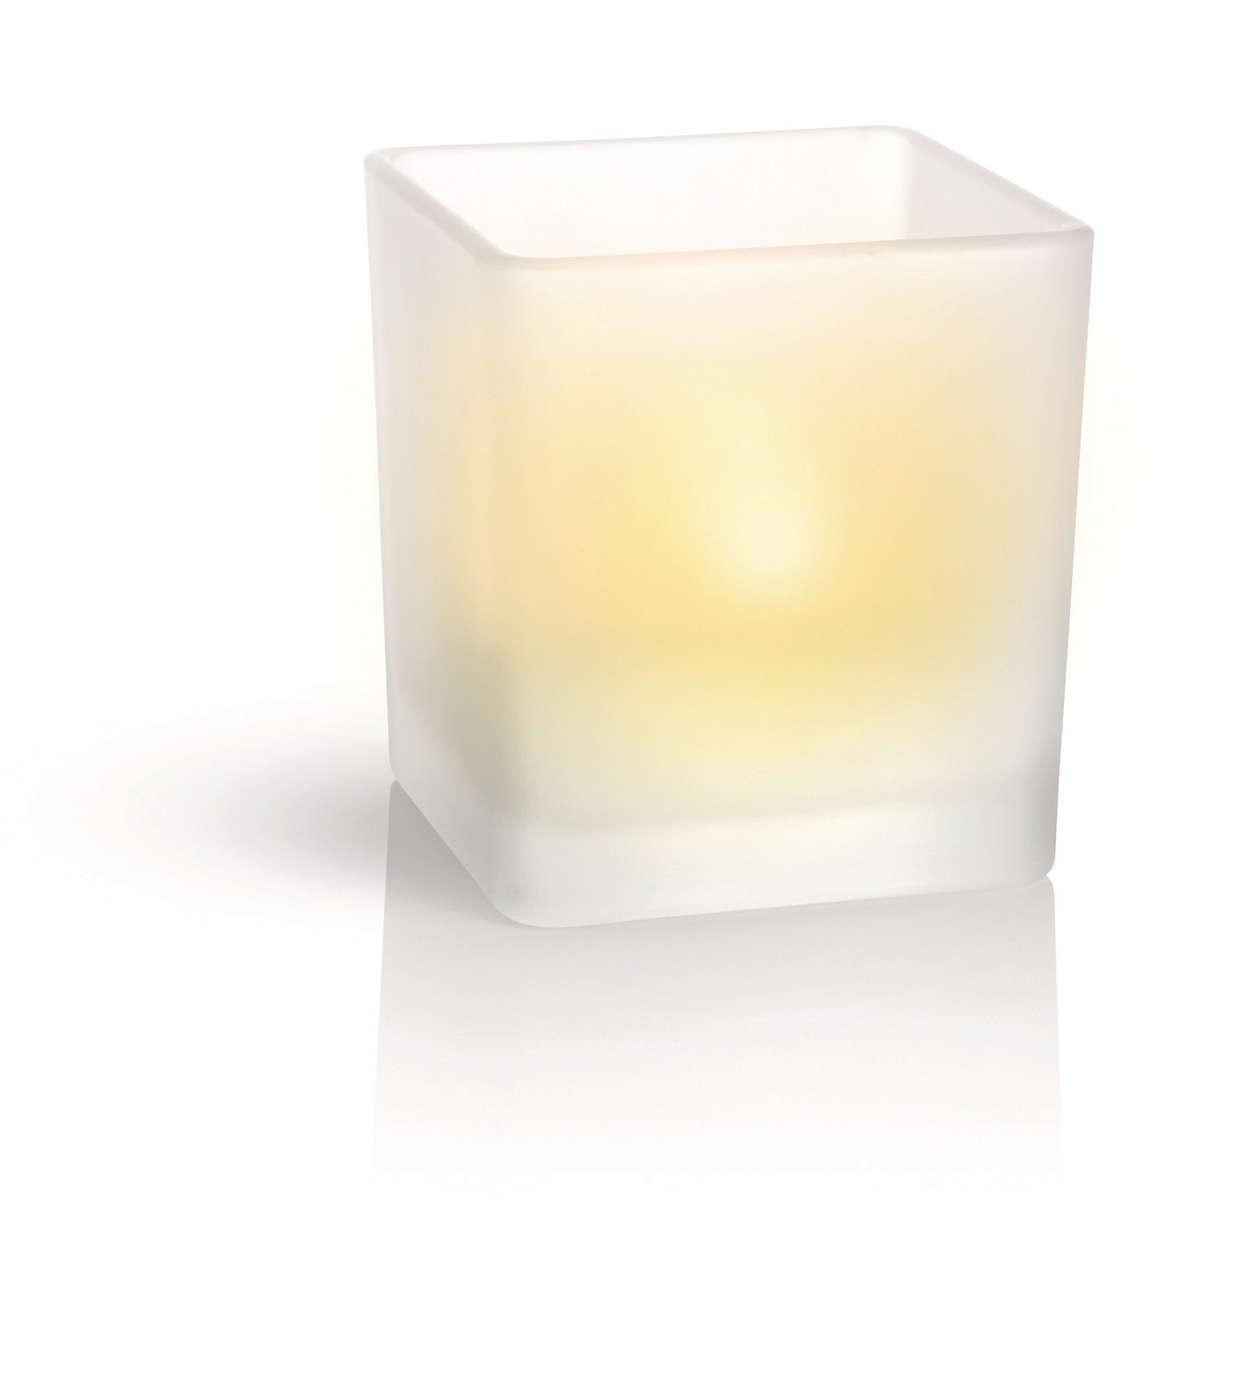 Placera ljus överallt, lätta att använda